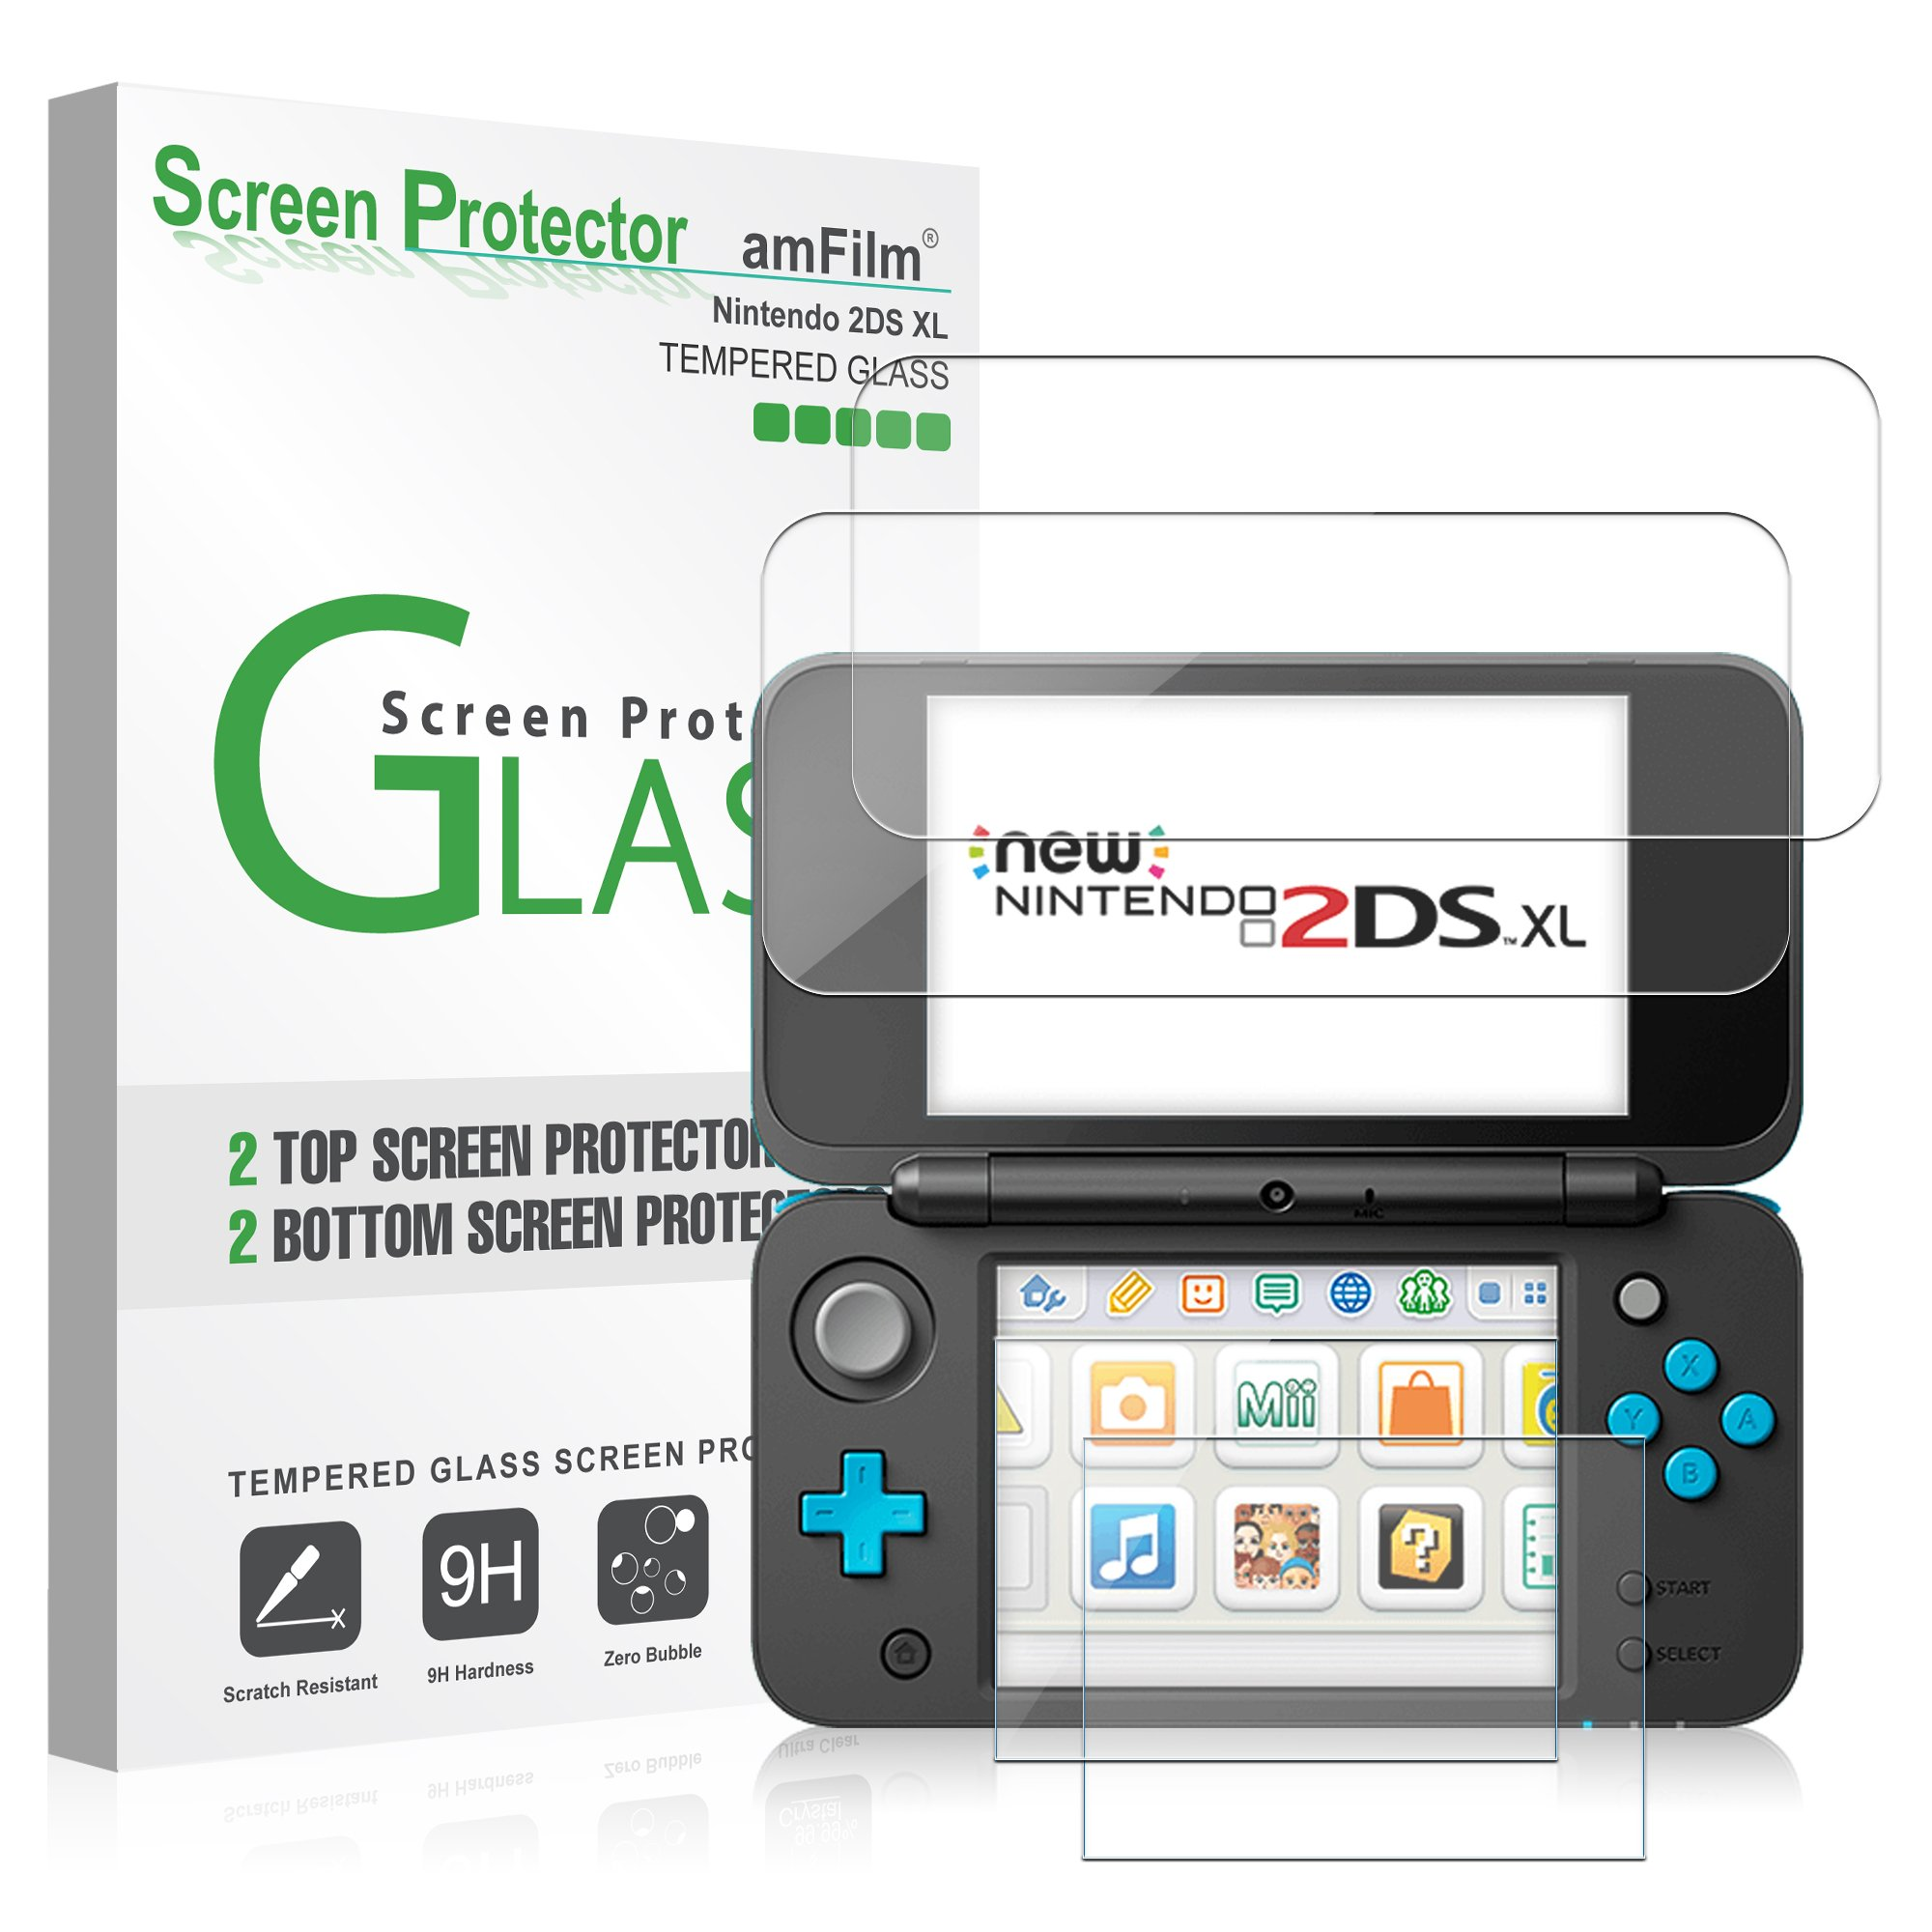 Pack de Protectores de Pantalla para Nintendo 2 DS XL, Protectores amFilm para Nintendo 2 DS XL (4 Protectores en el Pack: 2 Superiores de Cristal + 2 Inferiores Cristal): Amazon.es: Videojuegos